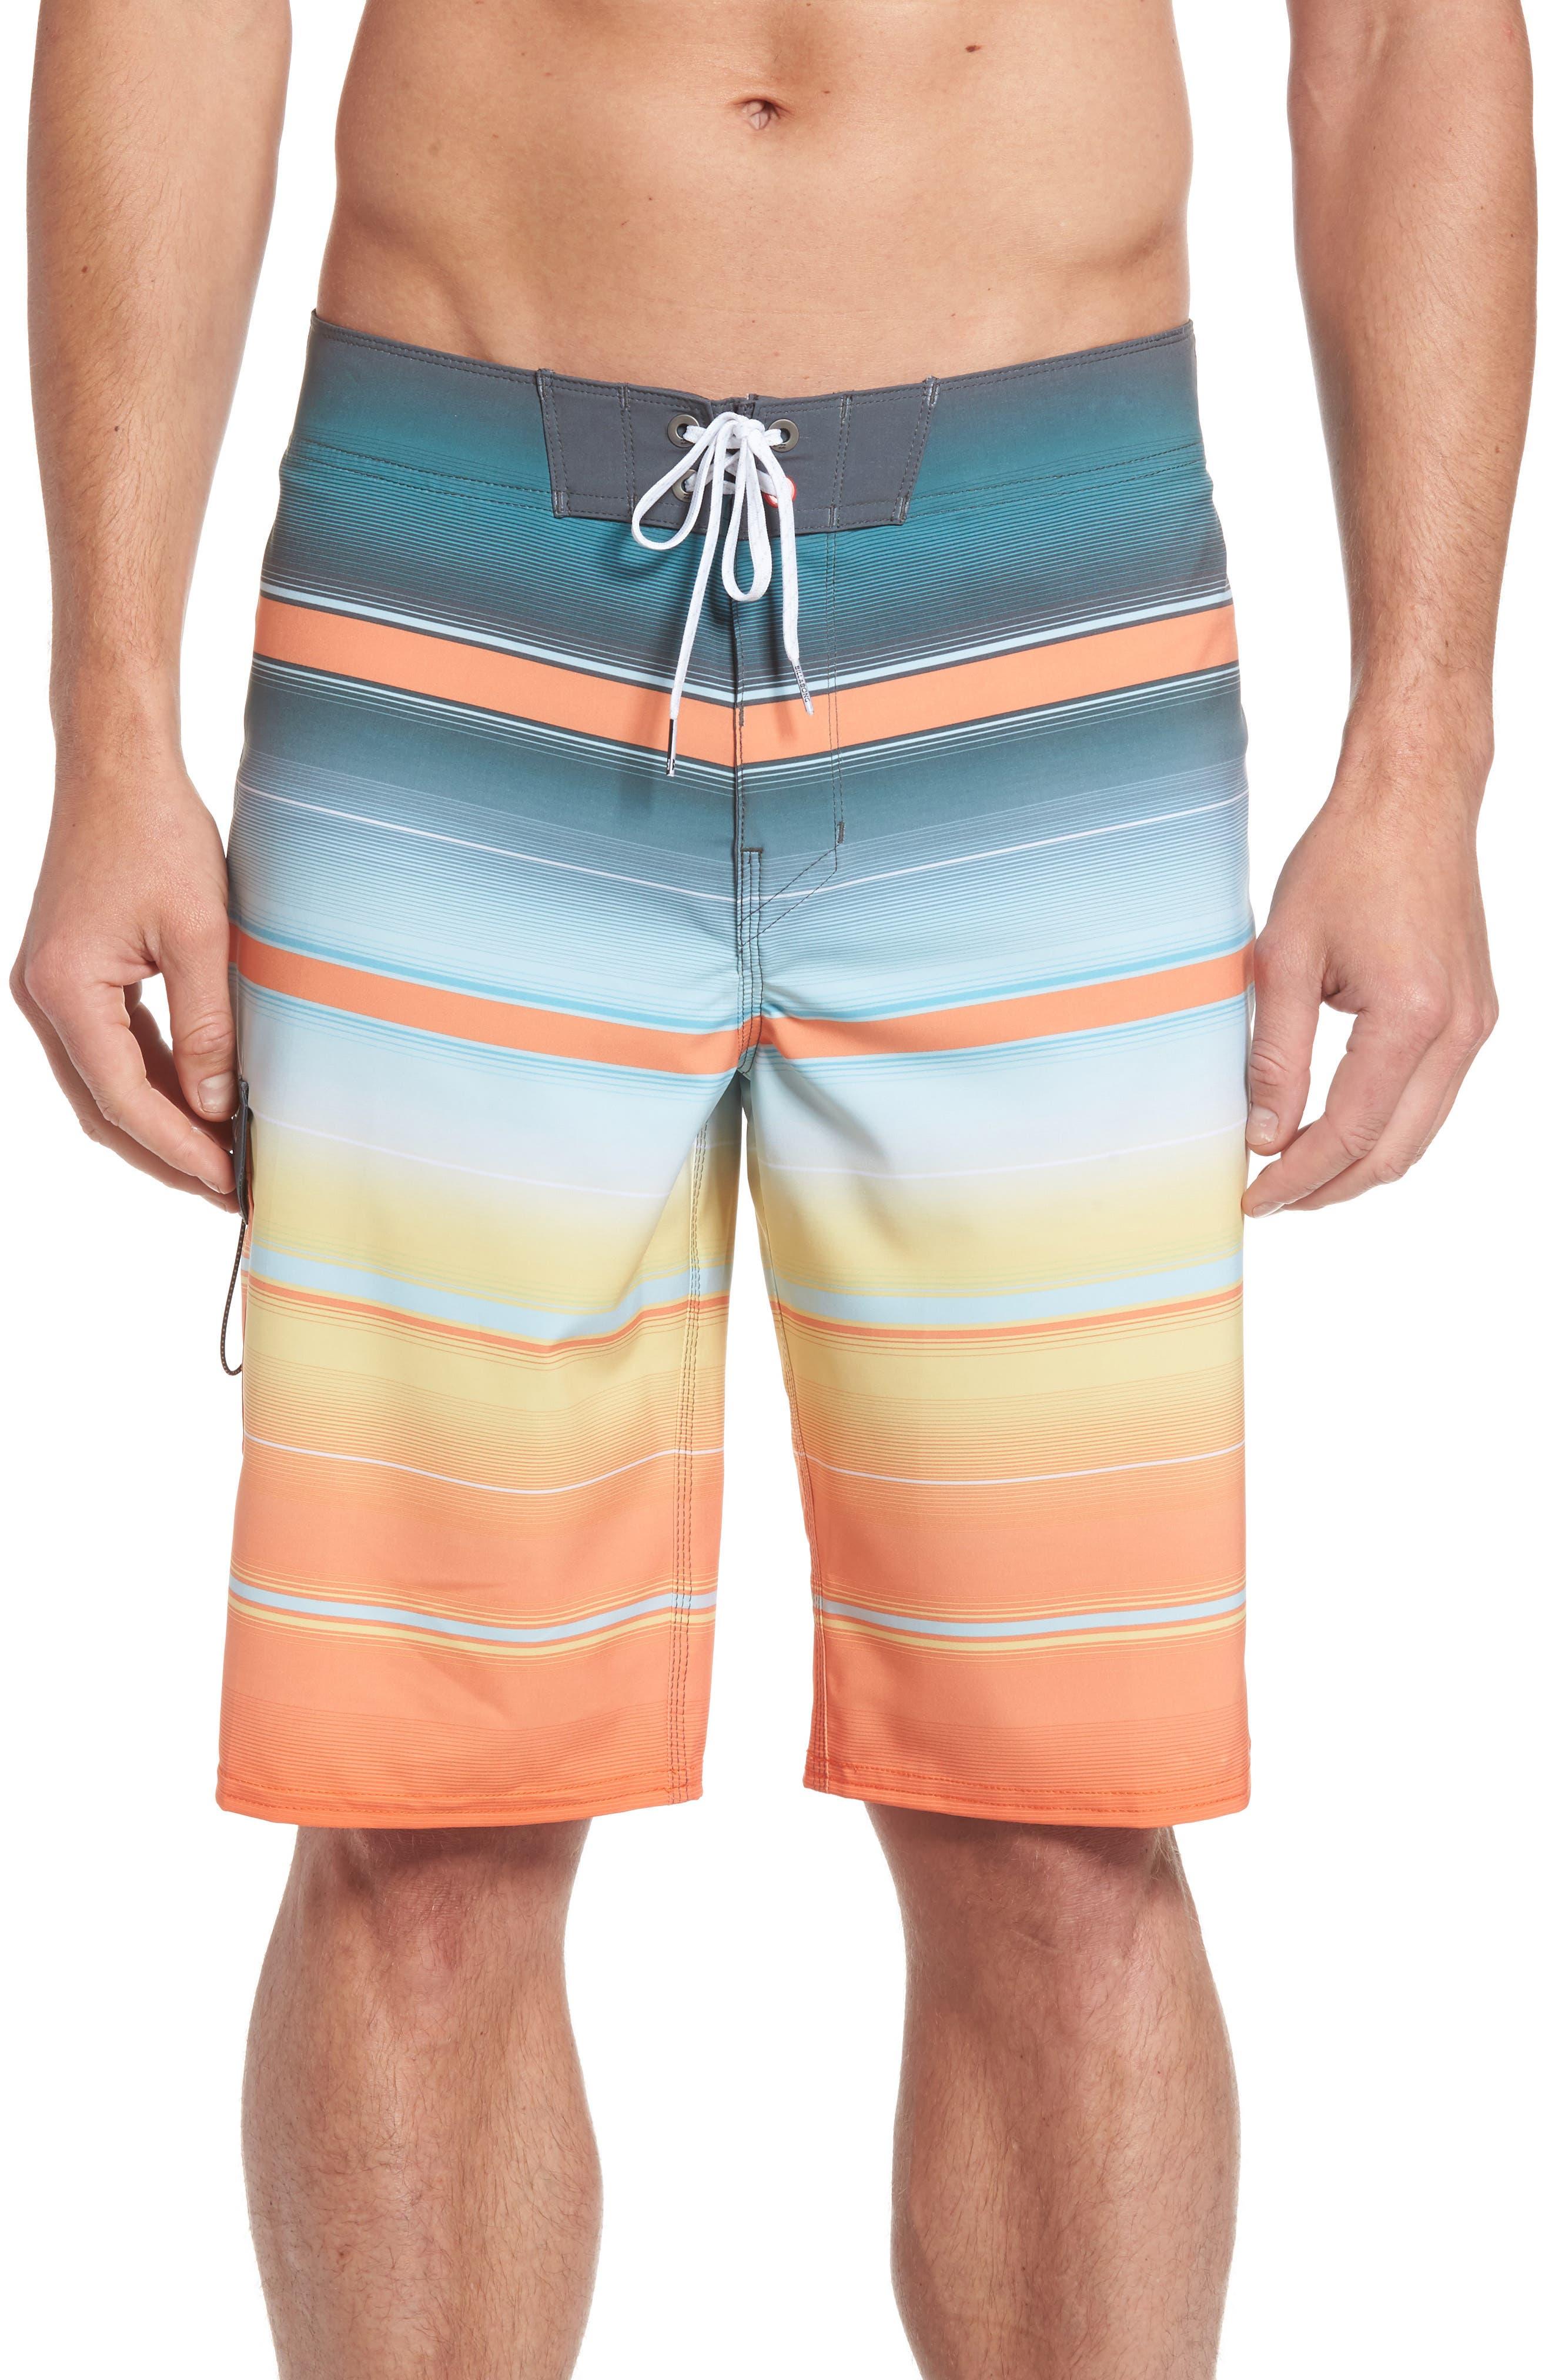 Main Image - Billabong All Day X Stripe Board Shorts (Regular & Big)